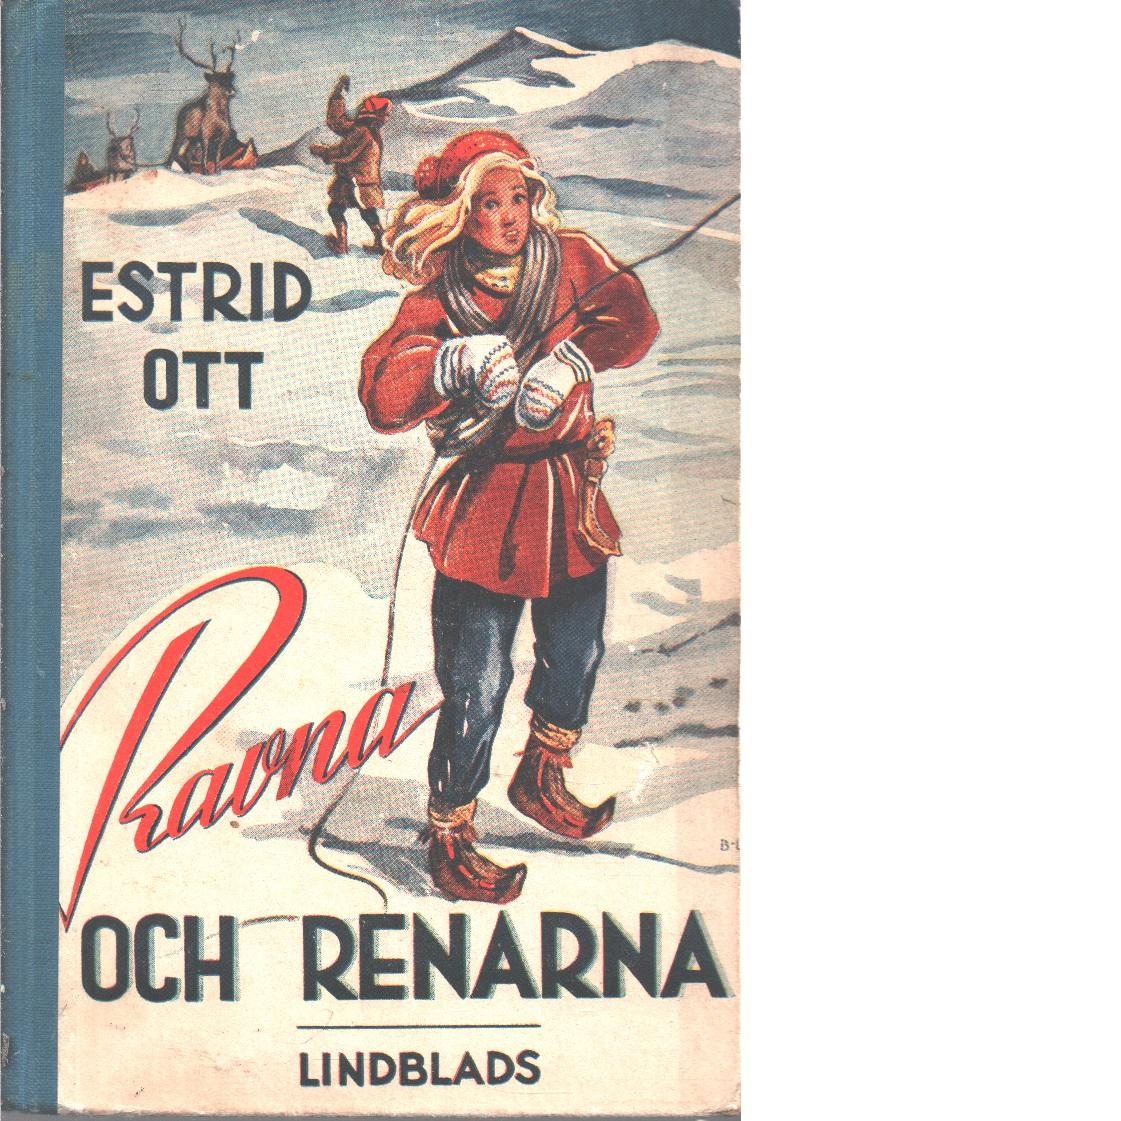 Ravna och renarna - Ott, Estrid